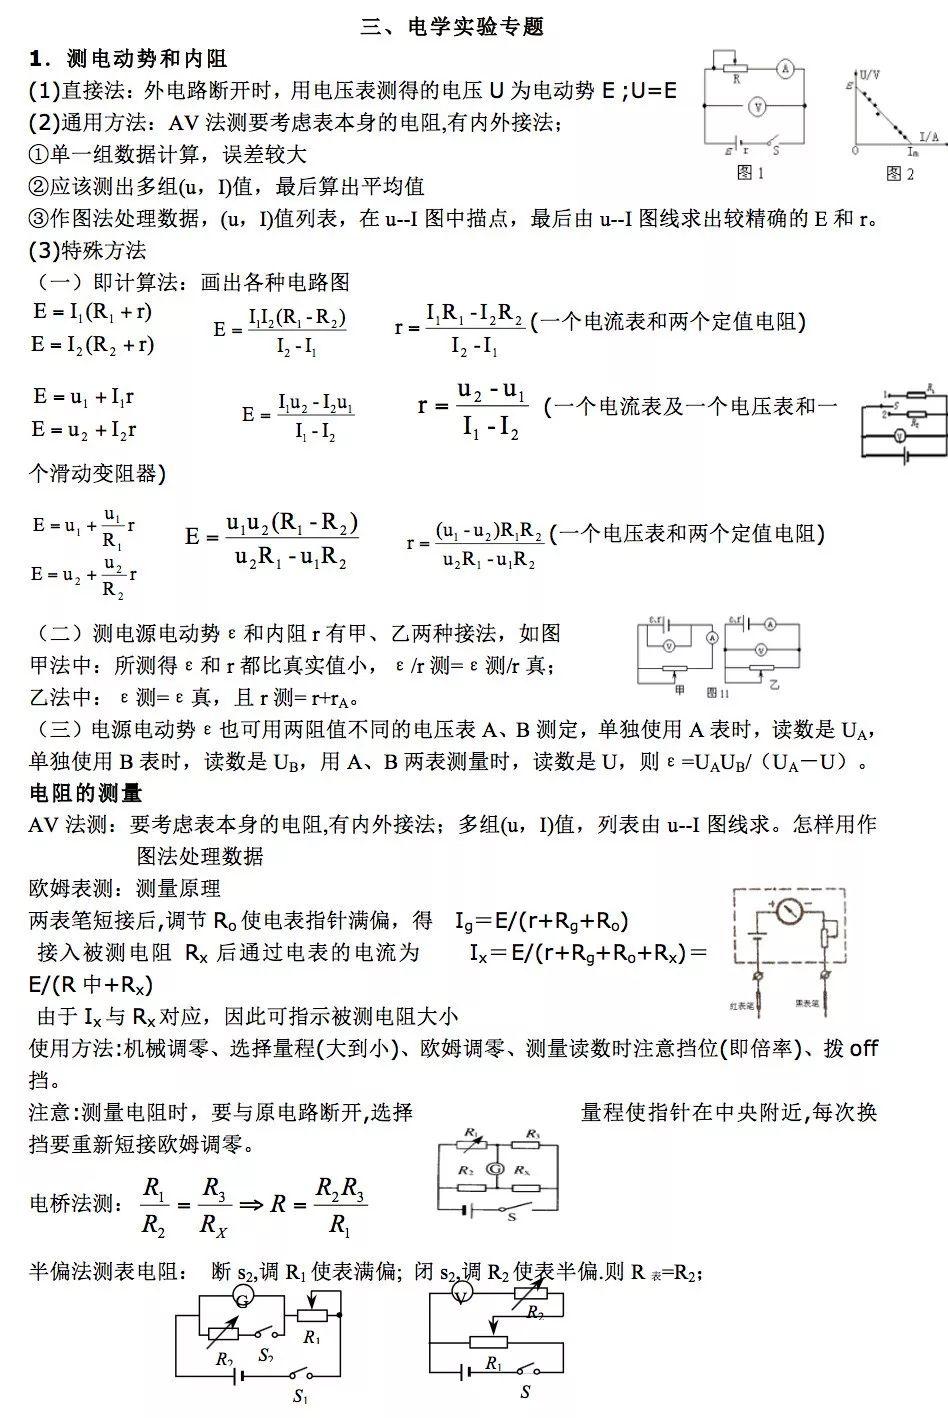 高中物理电学公式汇总高中物理电学公式大全- 豆丁网